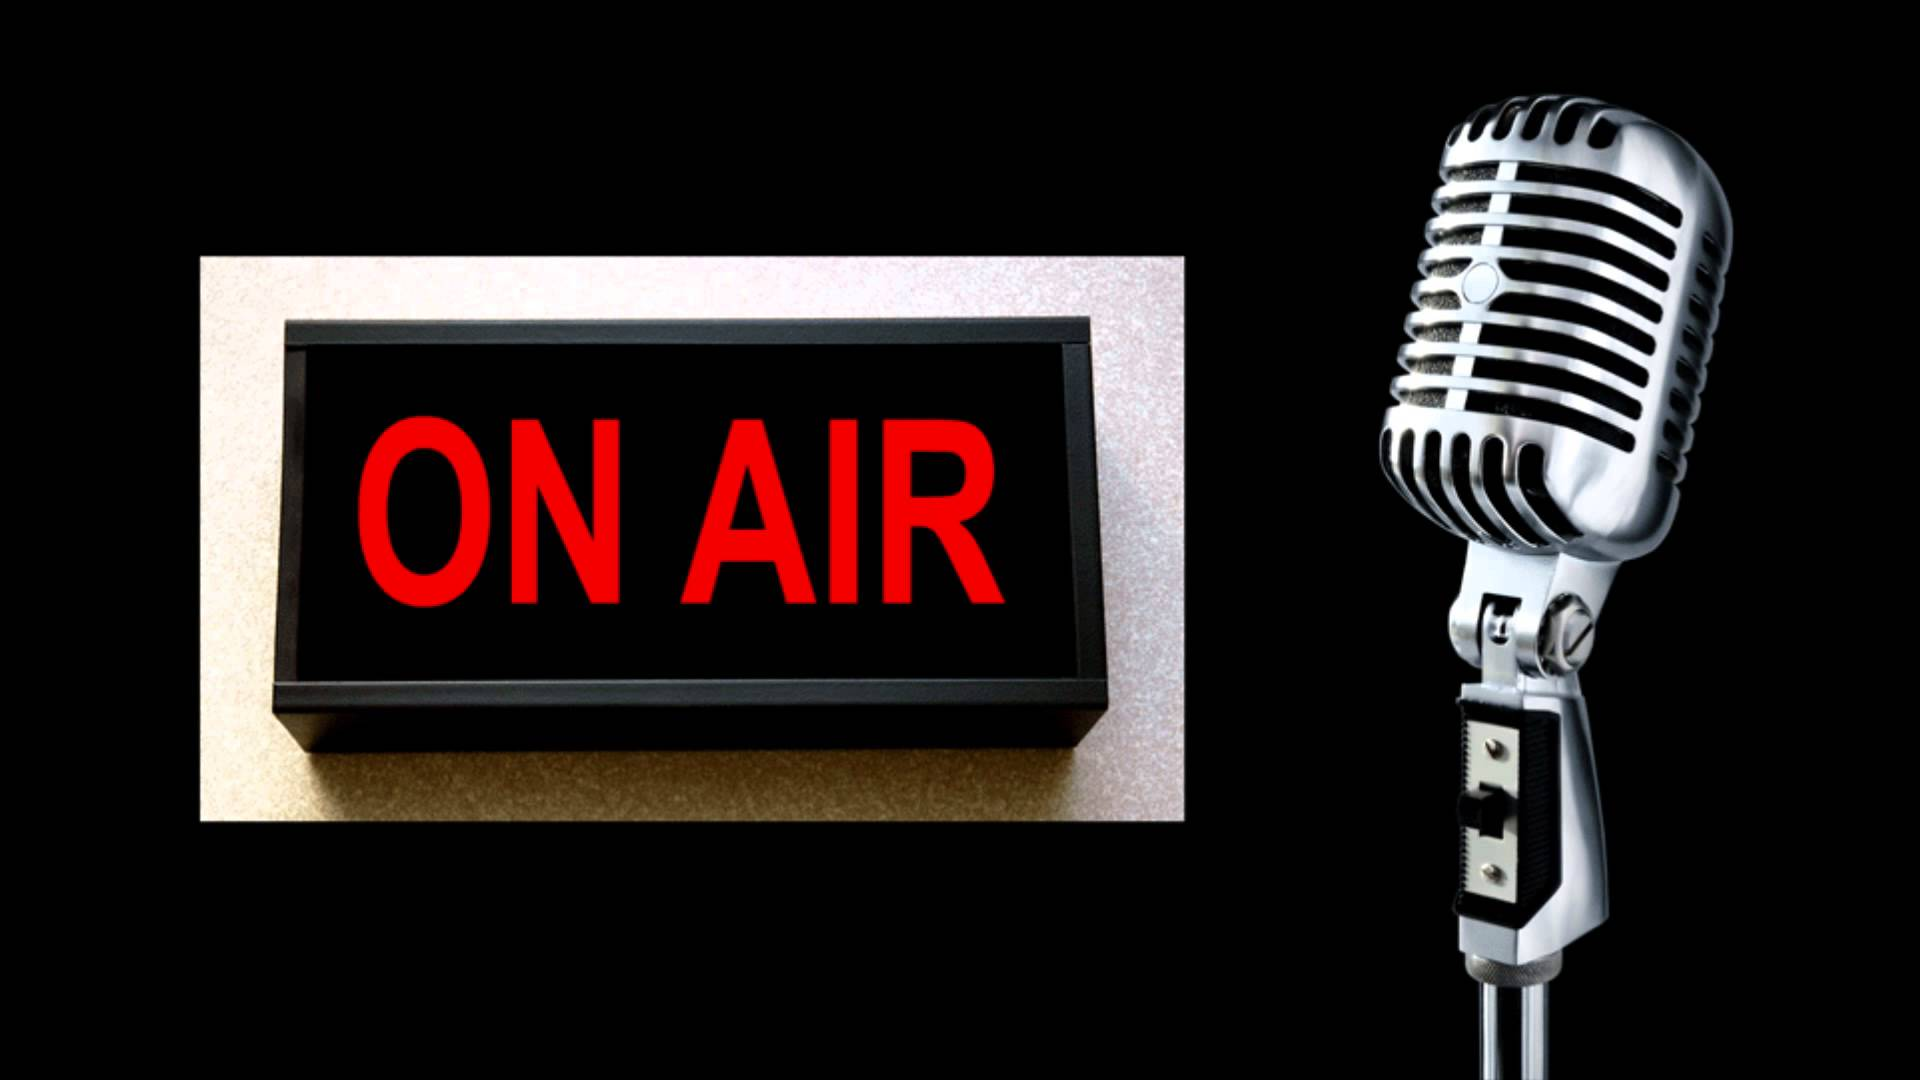 La radio outil pédagogique pour apprendre une langue étrangère